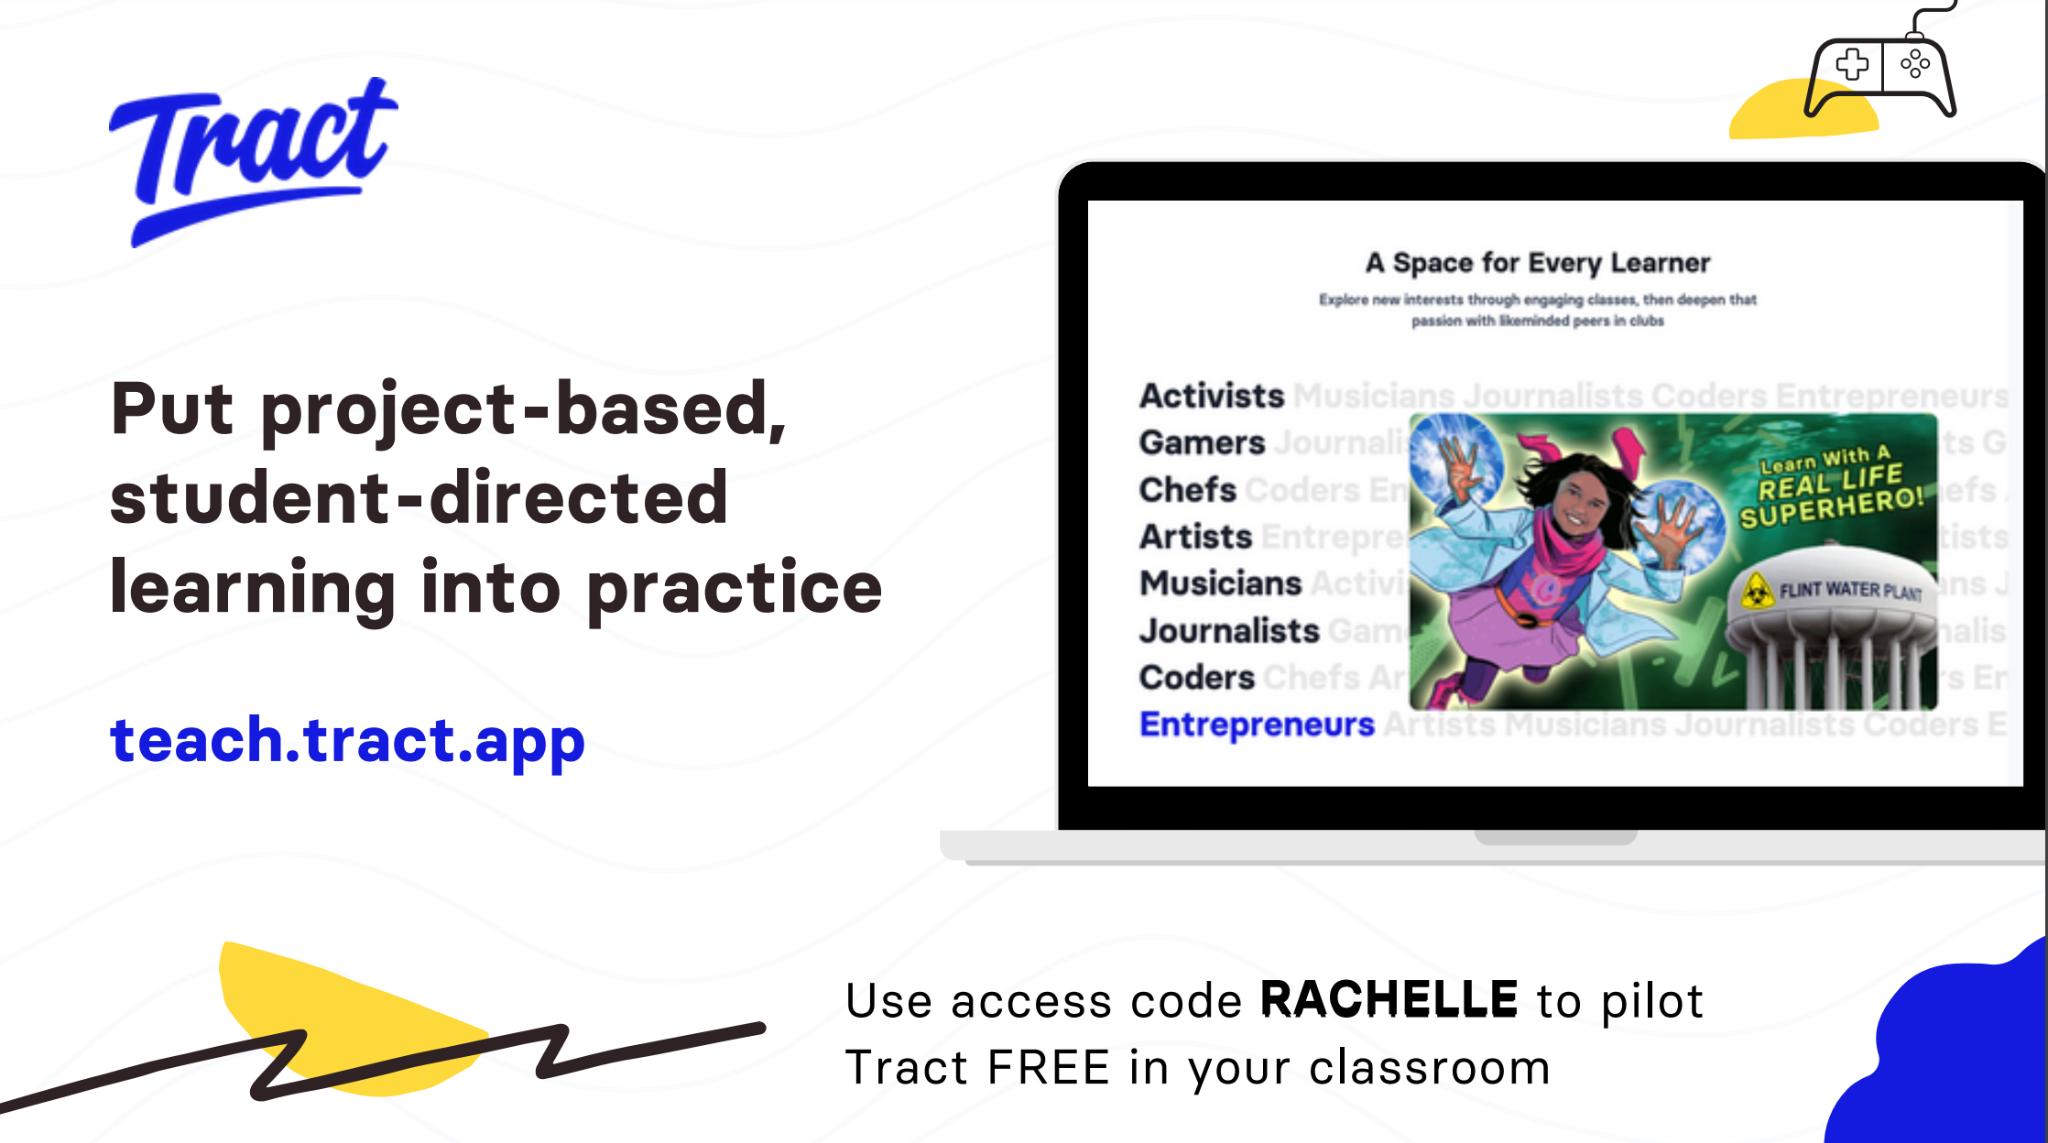 teach.tract.app use the code Rachelle